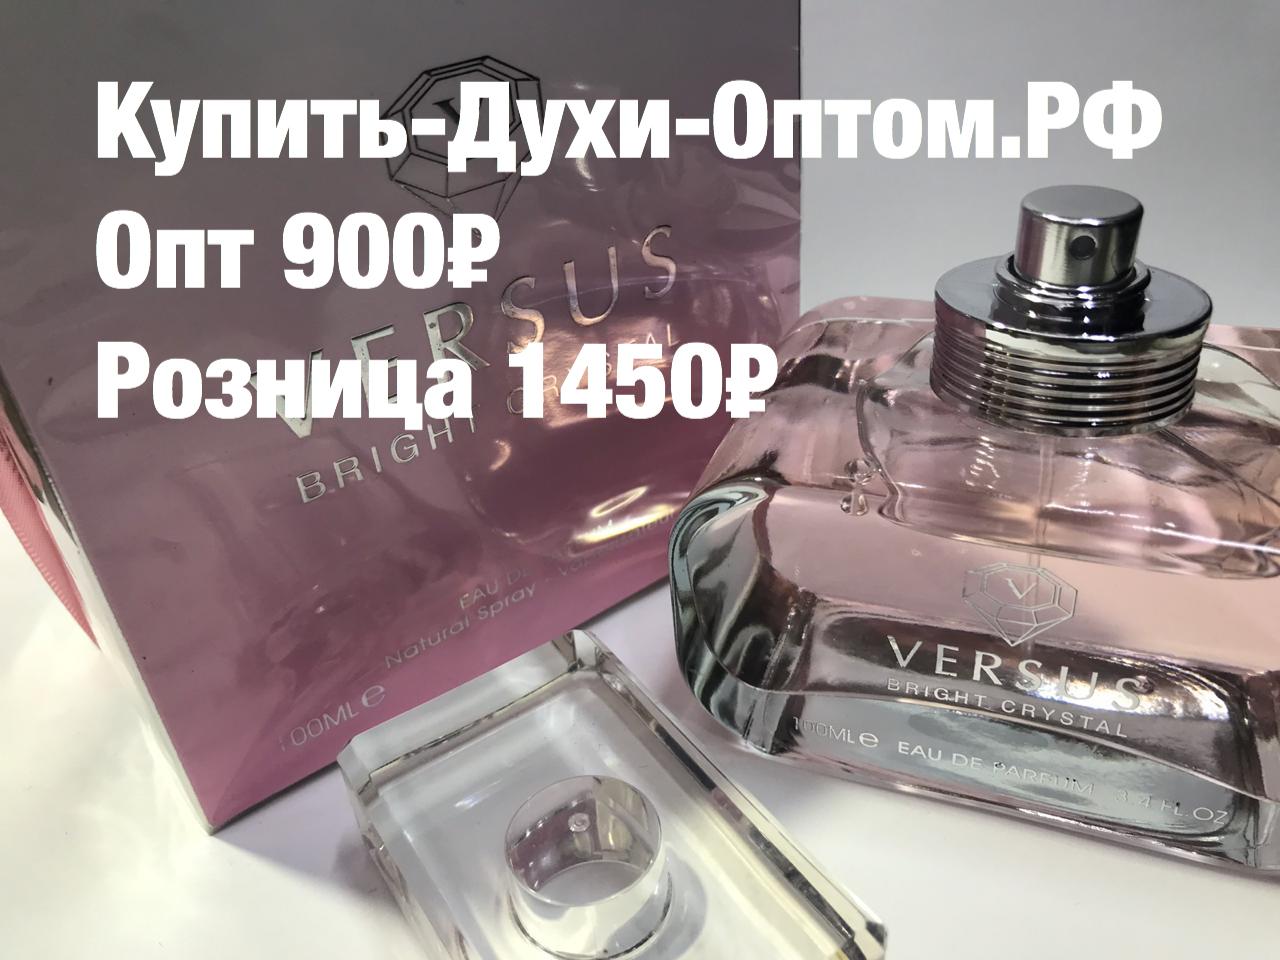 Купить оптом парфюмерию и косметику в новосибирске декоративная косметика для девочек купить в минске